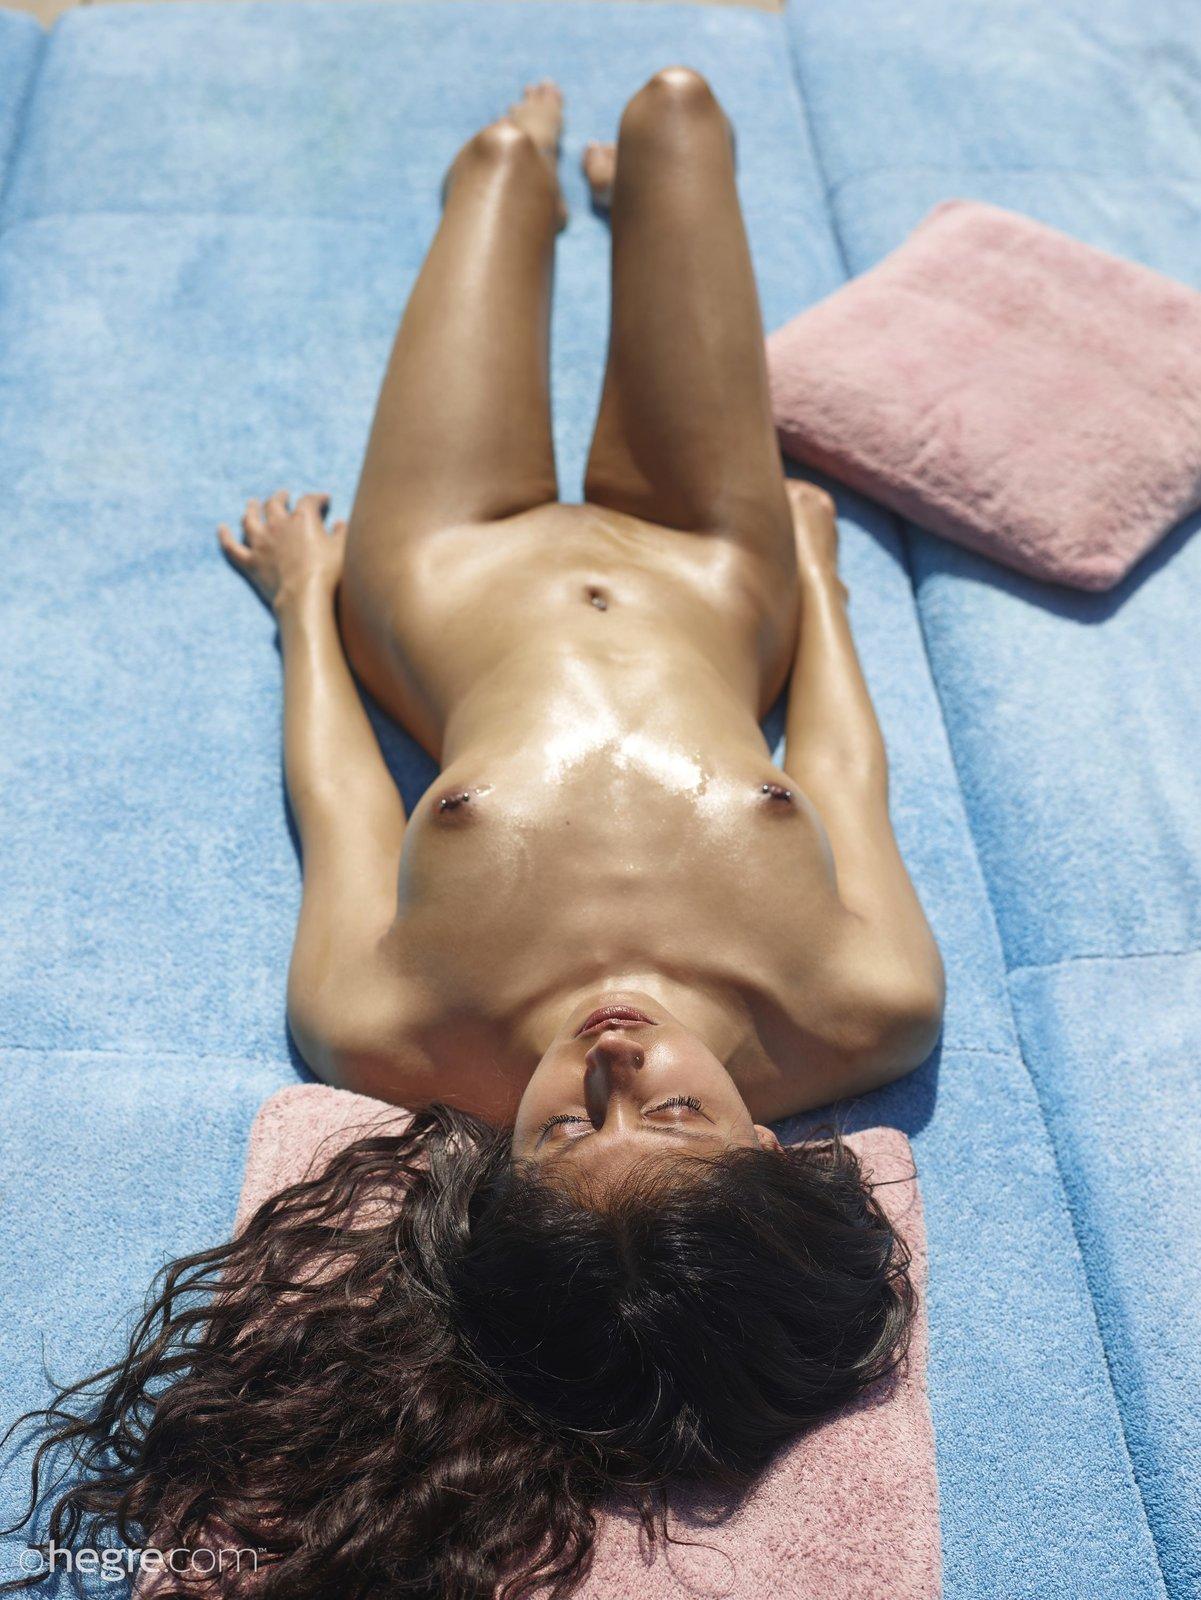 Skinny Teen Big Tits Sex